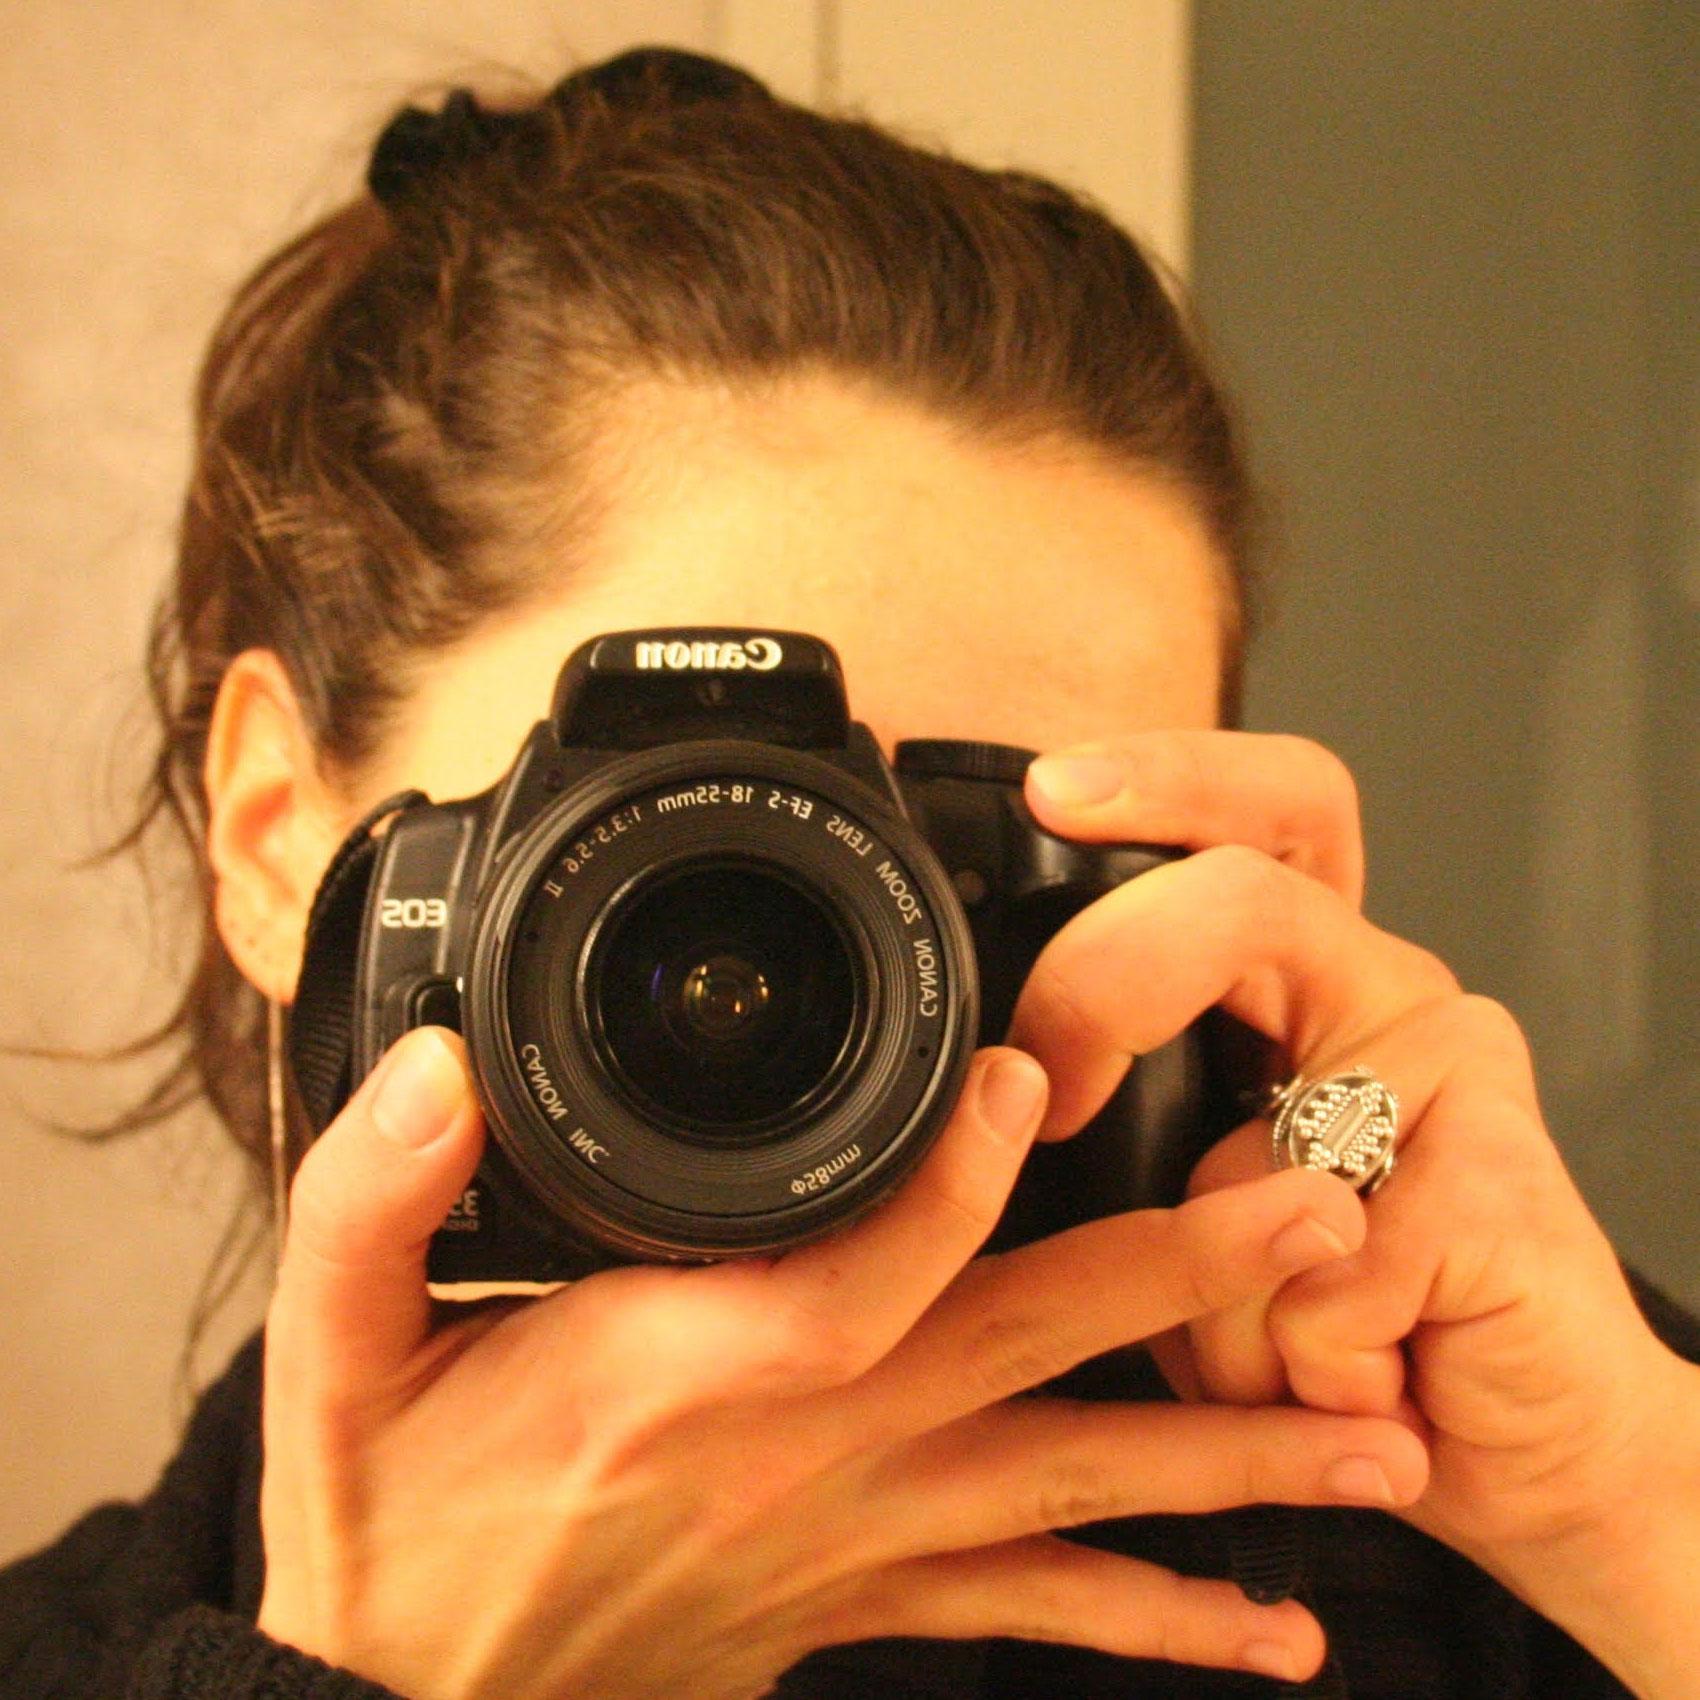 Καλλιτεχνικό πορτρέτο της Χαράς Ιωάννου. Έχει καστανά μαλλι΄πιασμένα σε αλογοουρά και φορά μαύρο πουλόβερ. Το πρόσωπό της κρύβεται από τη φωτογραφική της μηχανή (Canon) την οποία κρατά με τα δυο της χέρια. Φορά λαμπερό δαχτυλίδι.